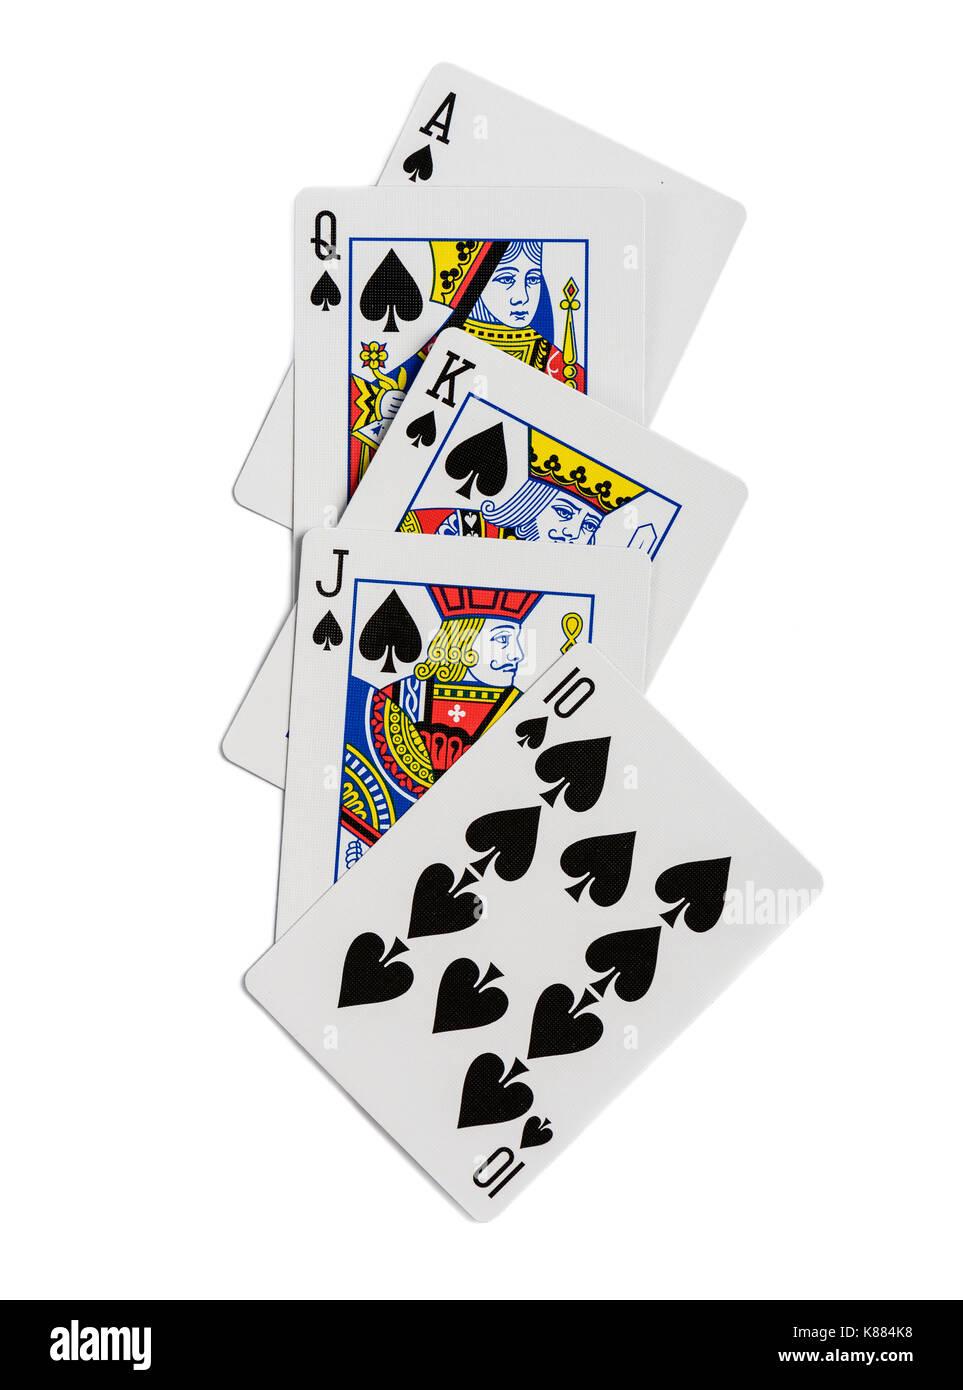 Combinazione di carte da gioco picche suit poker casino. isolato su sfondo bianco Immagini Stock